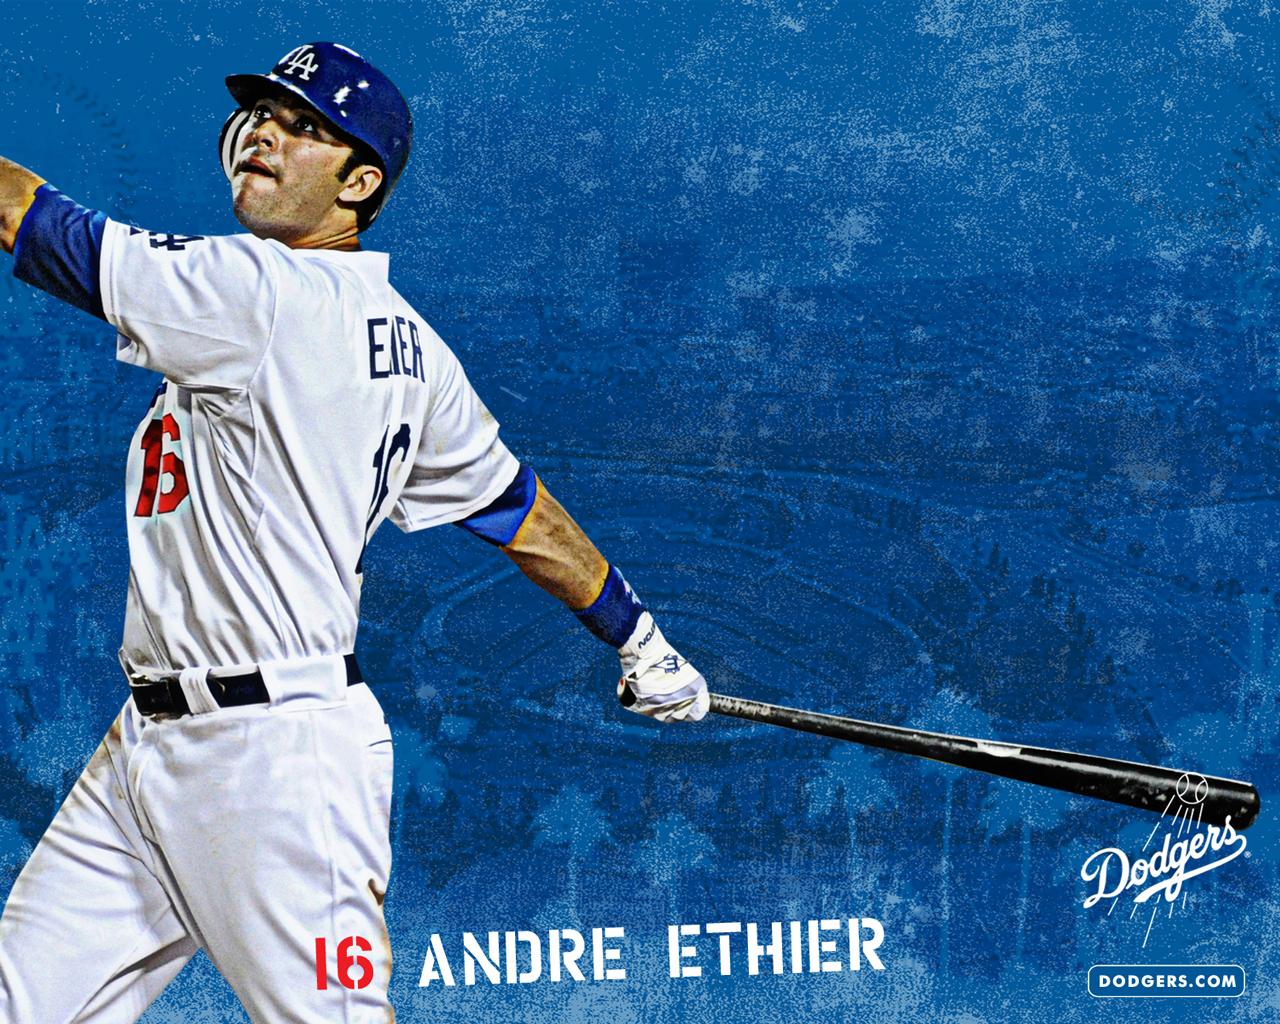 Download Los Angeles Dodgers Wallpaper La Andre Ethier 1280x1024